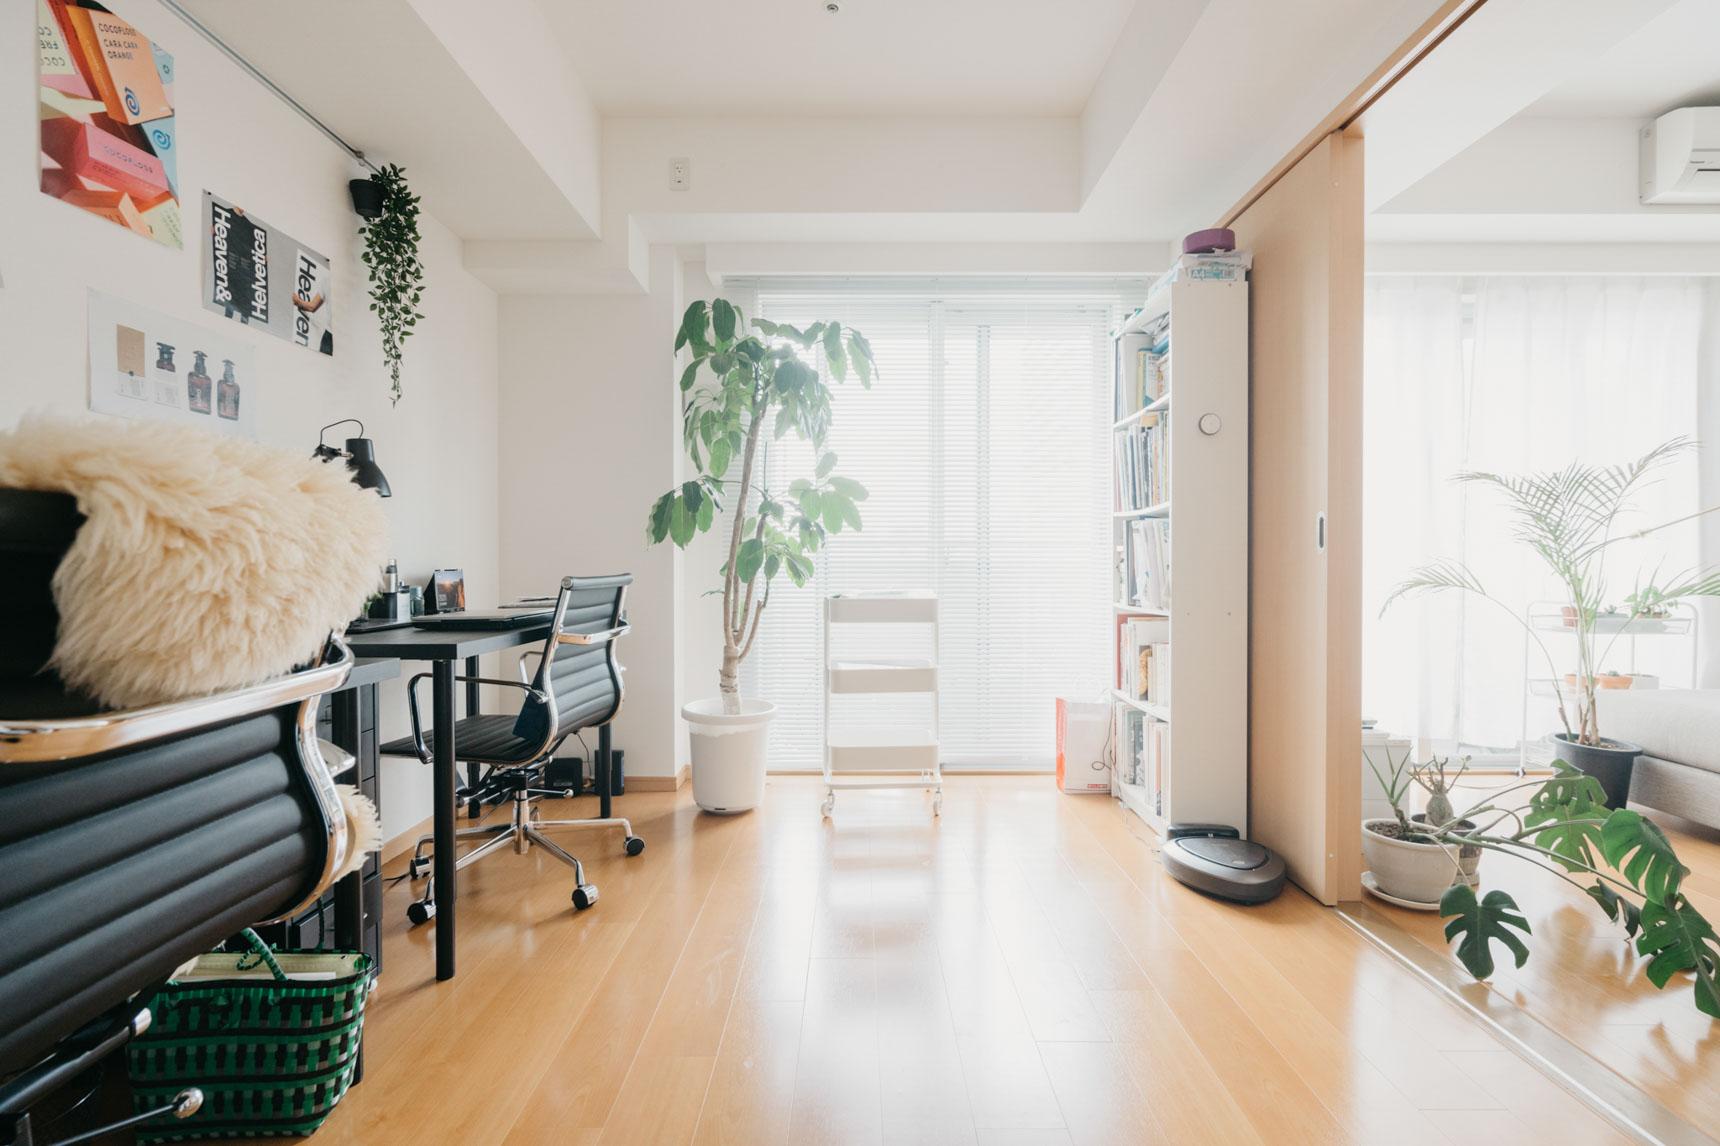 ご自宅でお仕事をするため、仕事部屋をしっかりと分けたお部屋(photo:@iknn.iknn)